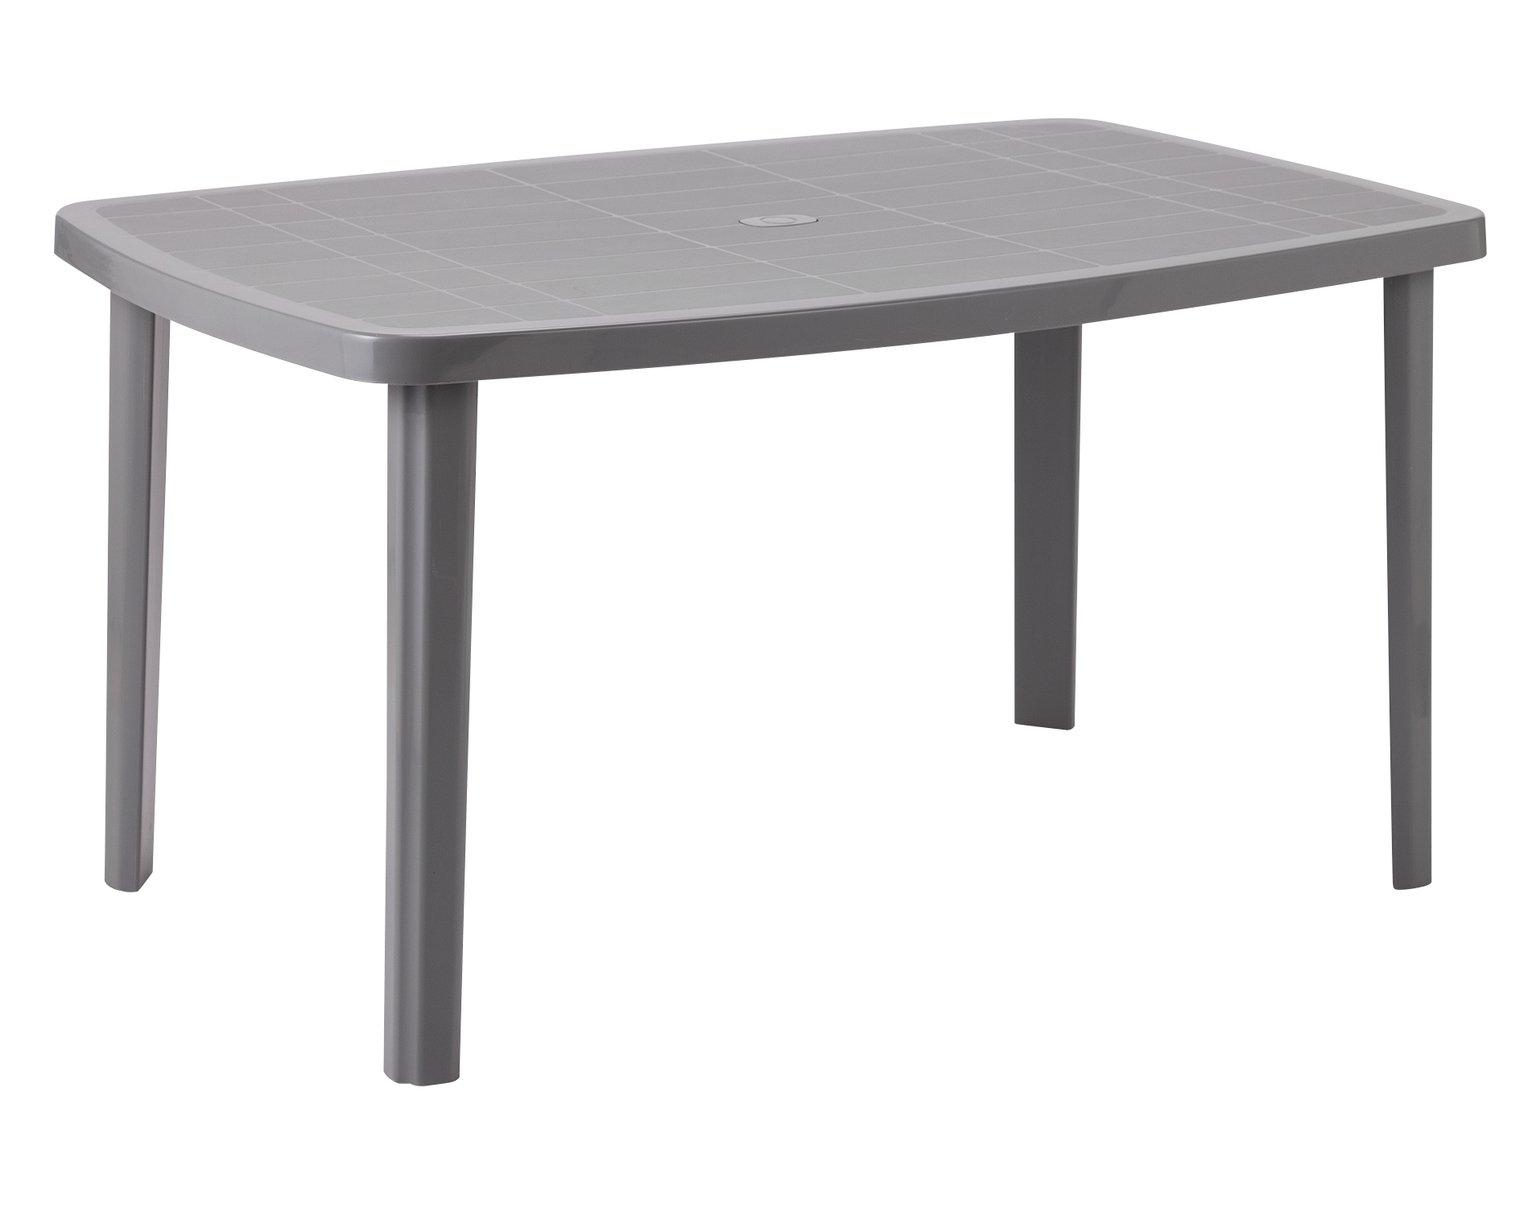 Argos Home Rectangular 6 Seater Garden Table - Light Grey